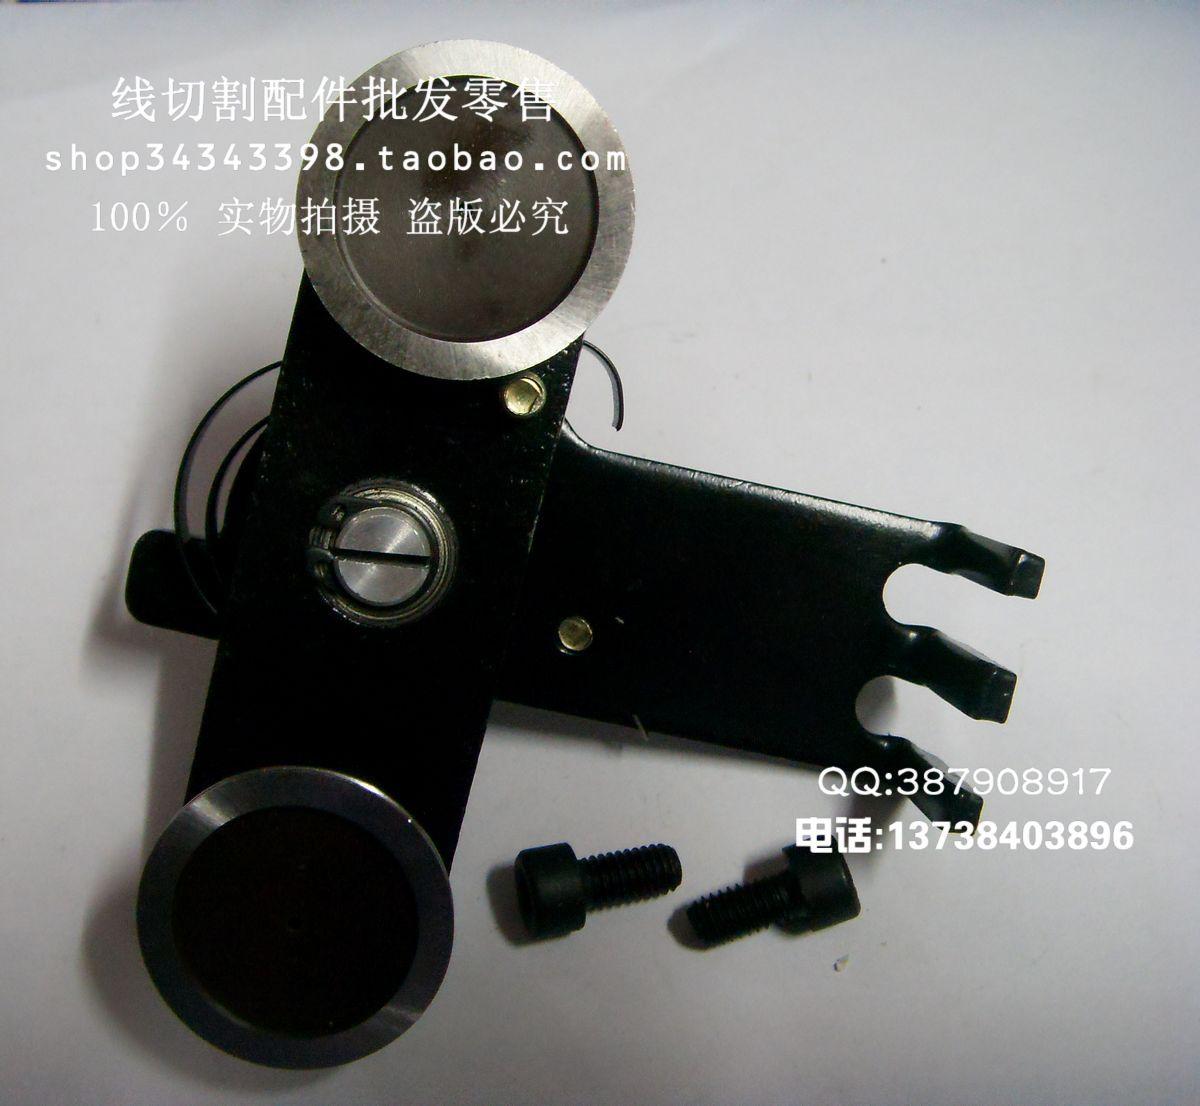 线切割自动紧丝器 紧丝轮 双导轮钼丝松紧调节器80元/个全面推广